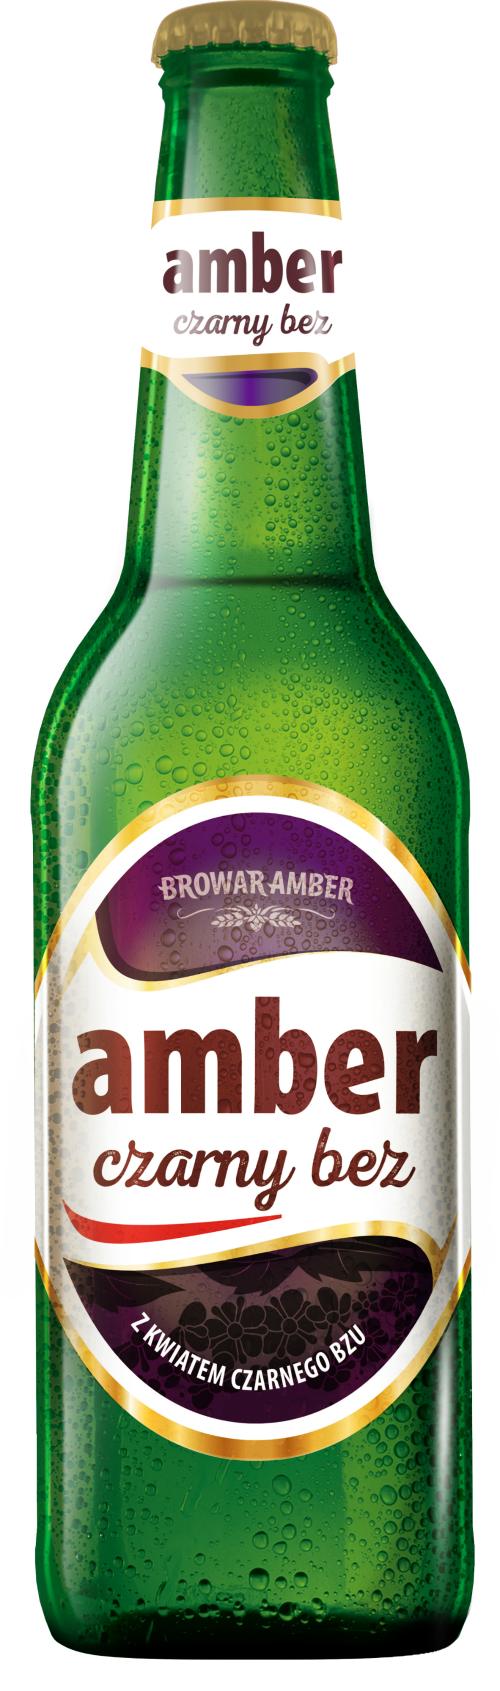 Amber - Czarny bez500.jpg